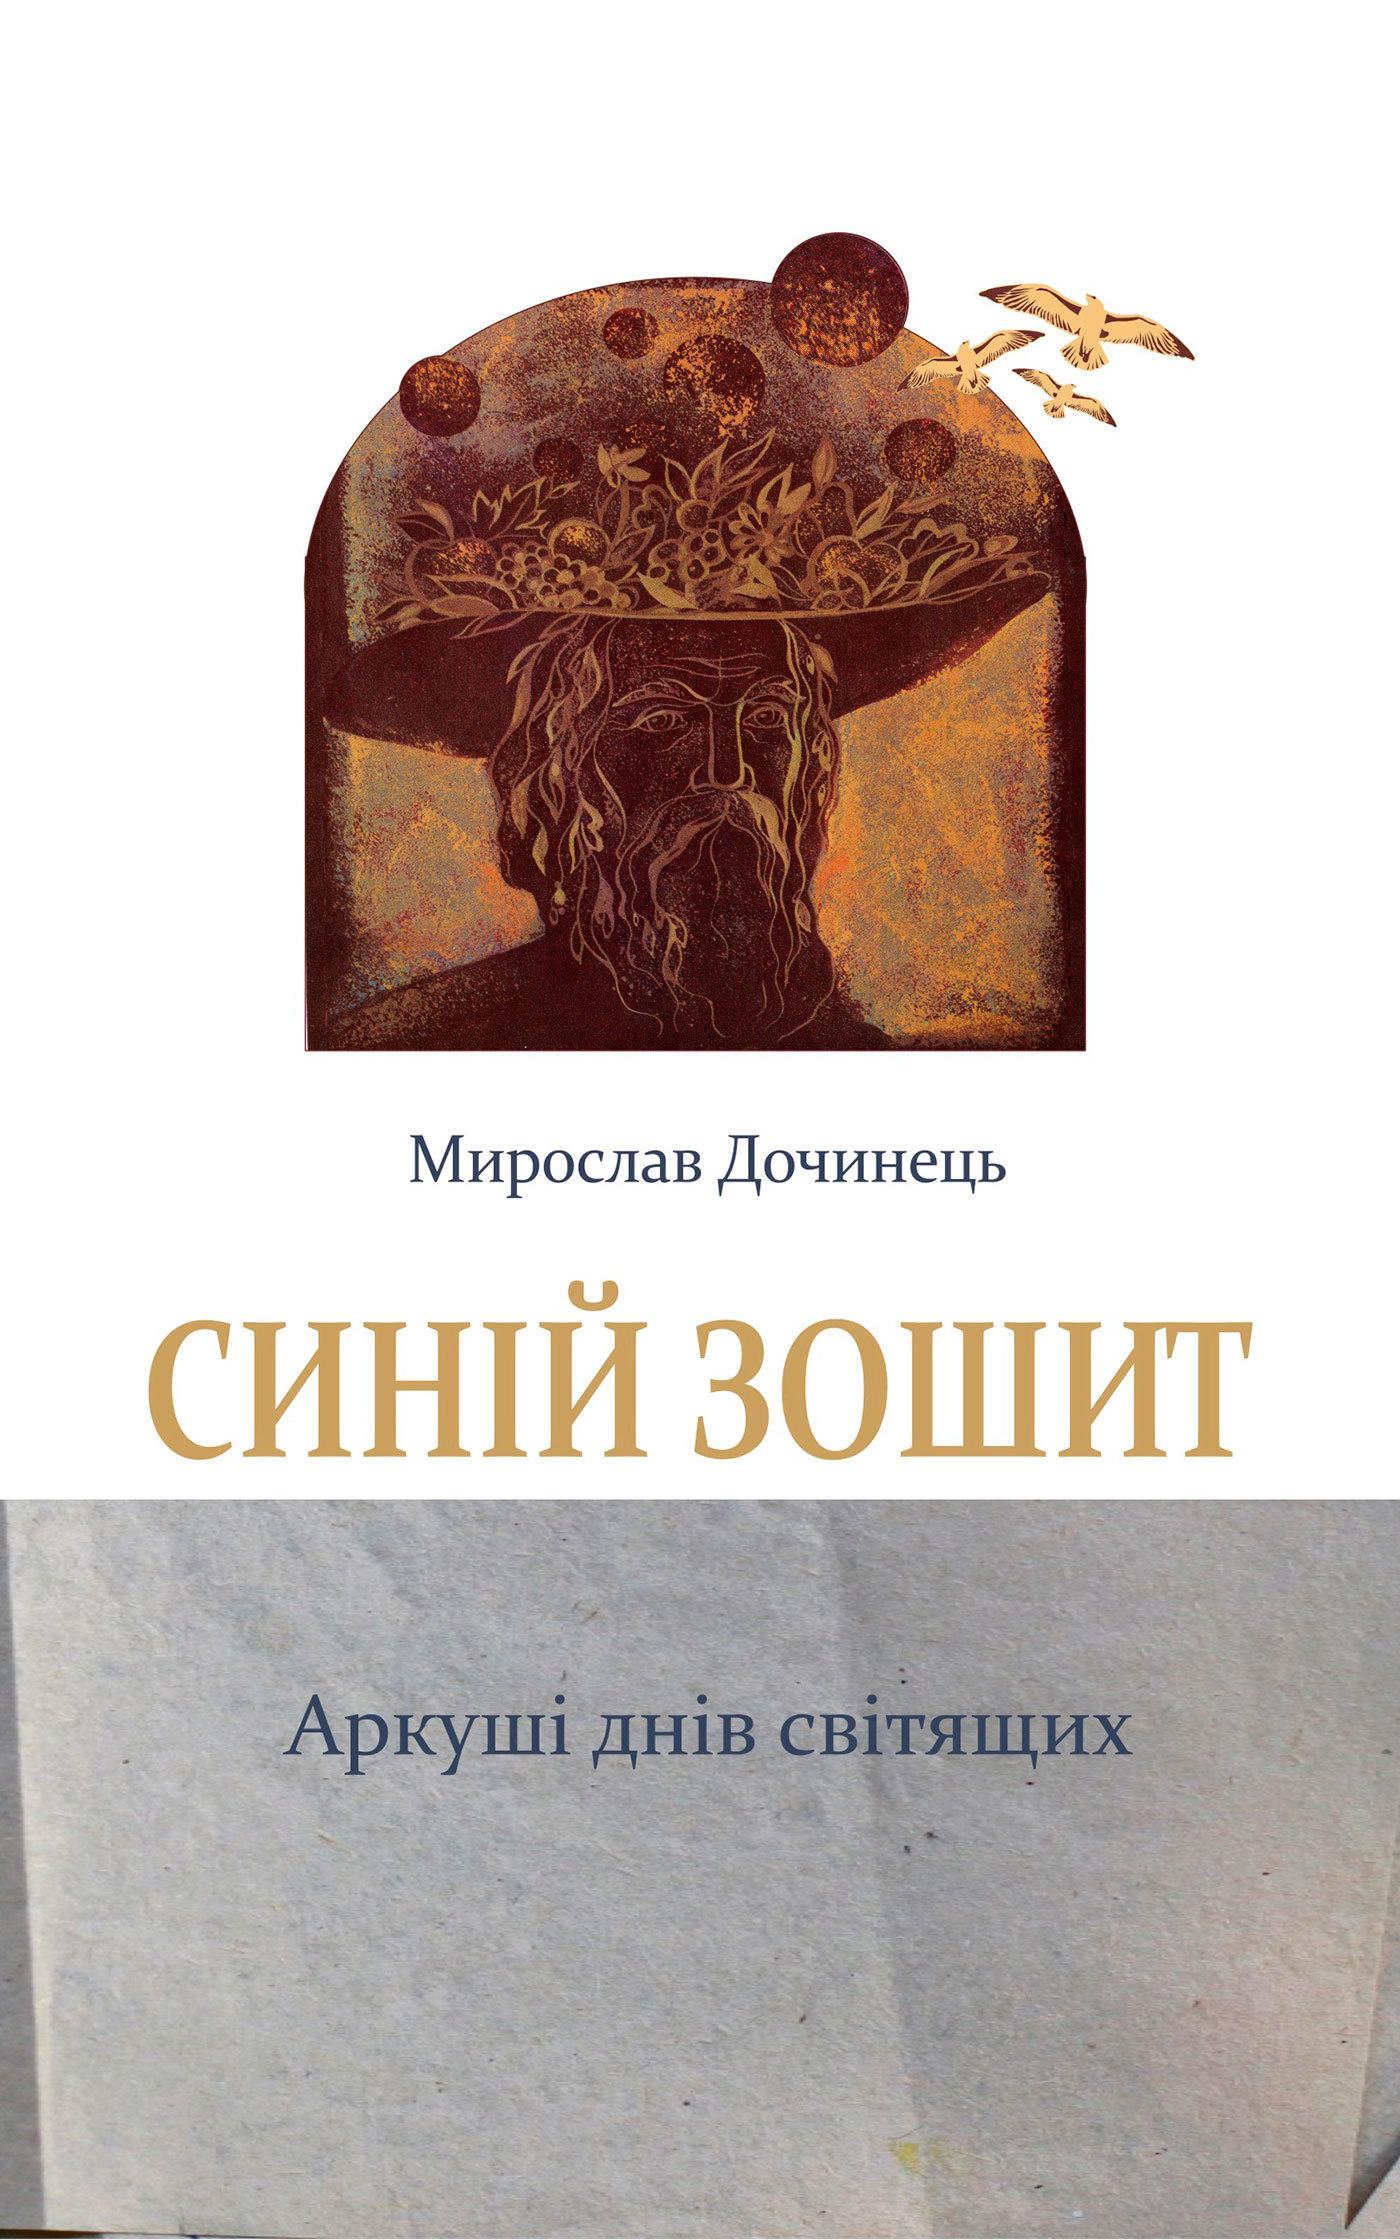 Мирослав Дочинець бесплатно